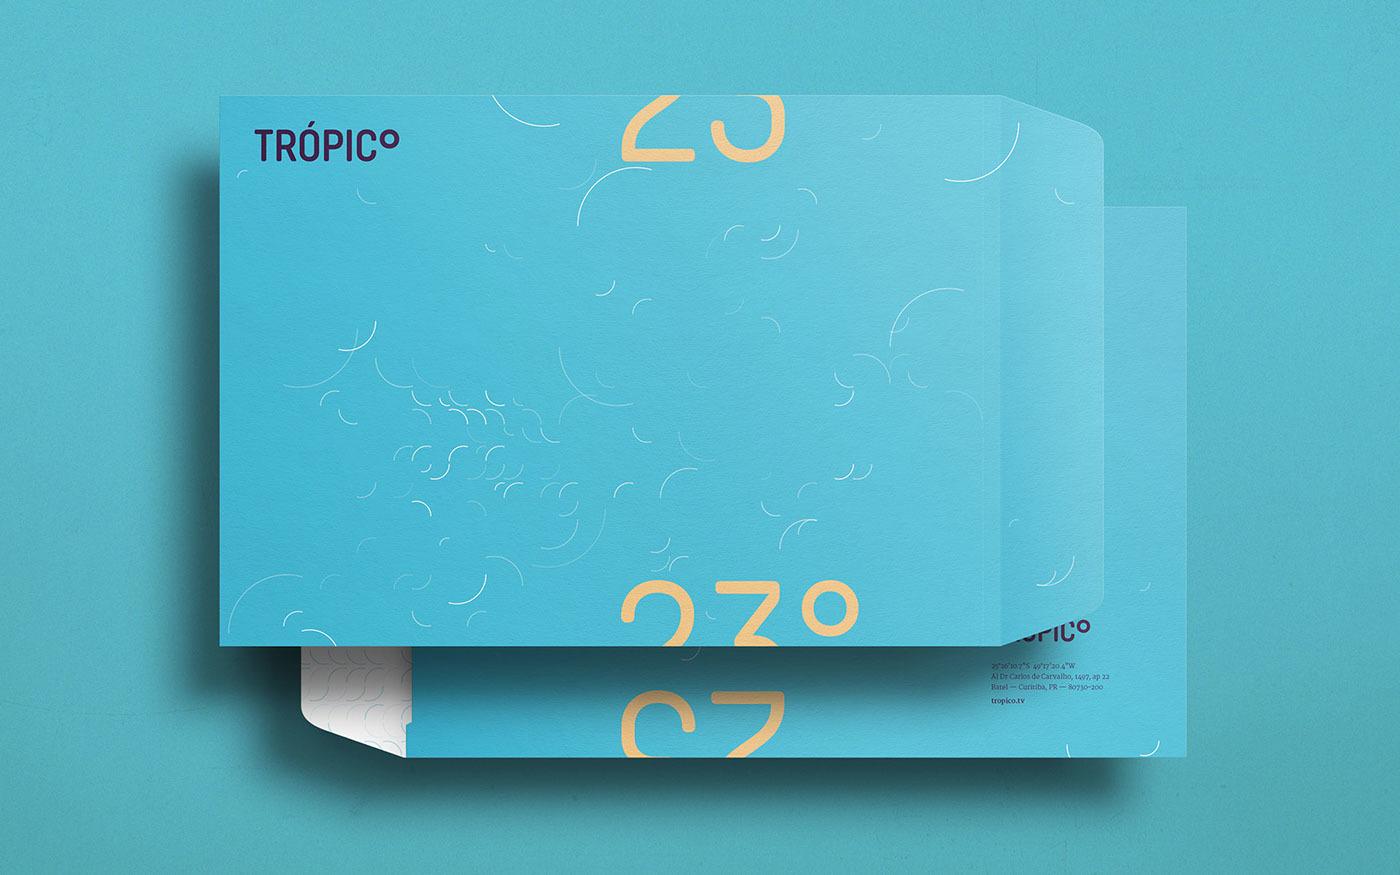 音像公司Trópico品牌设计 欣赏-第15张